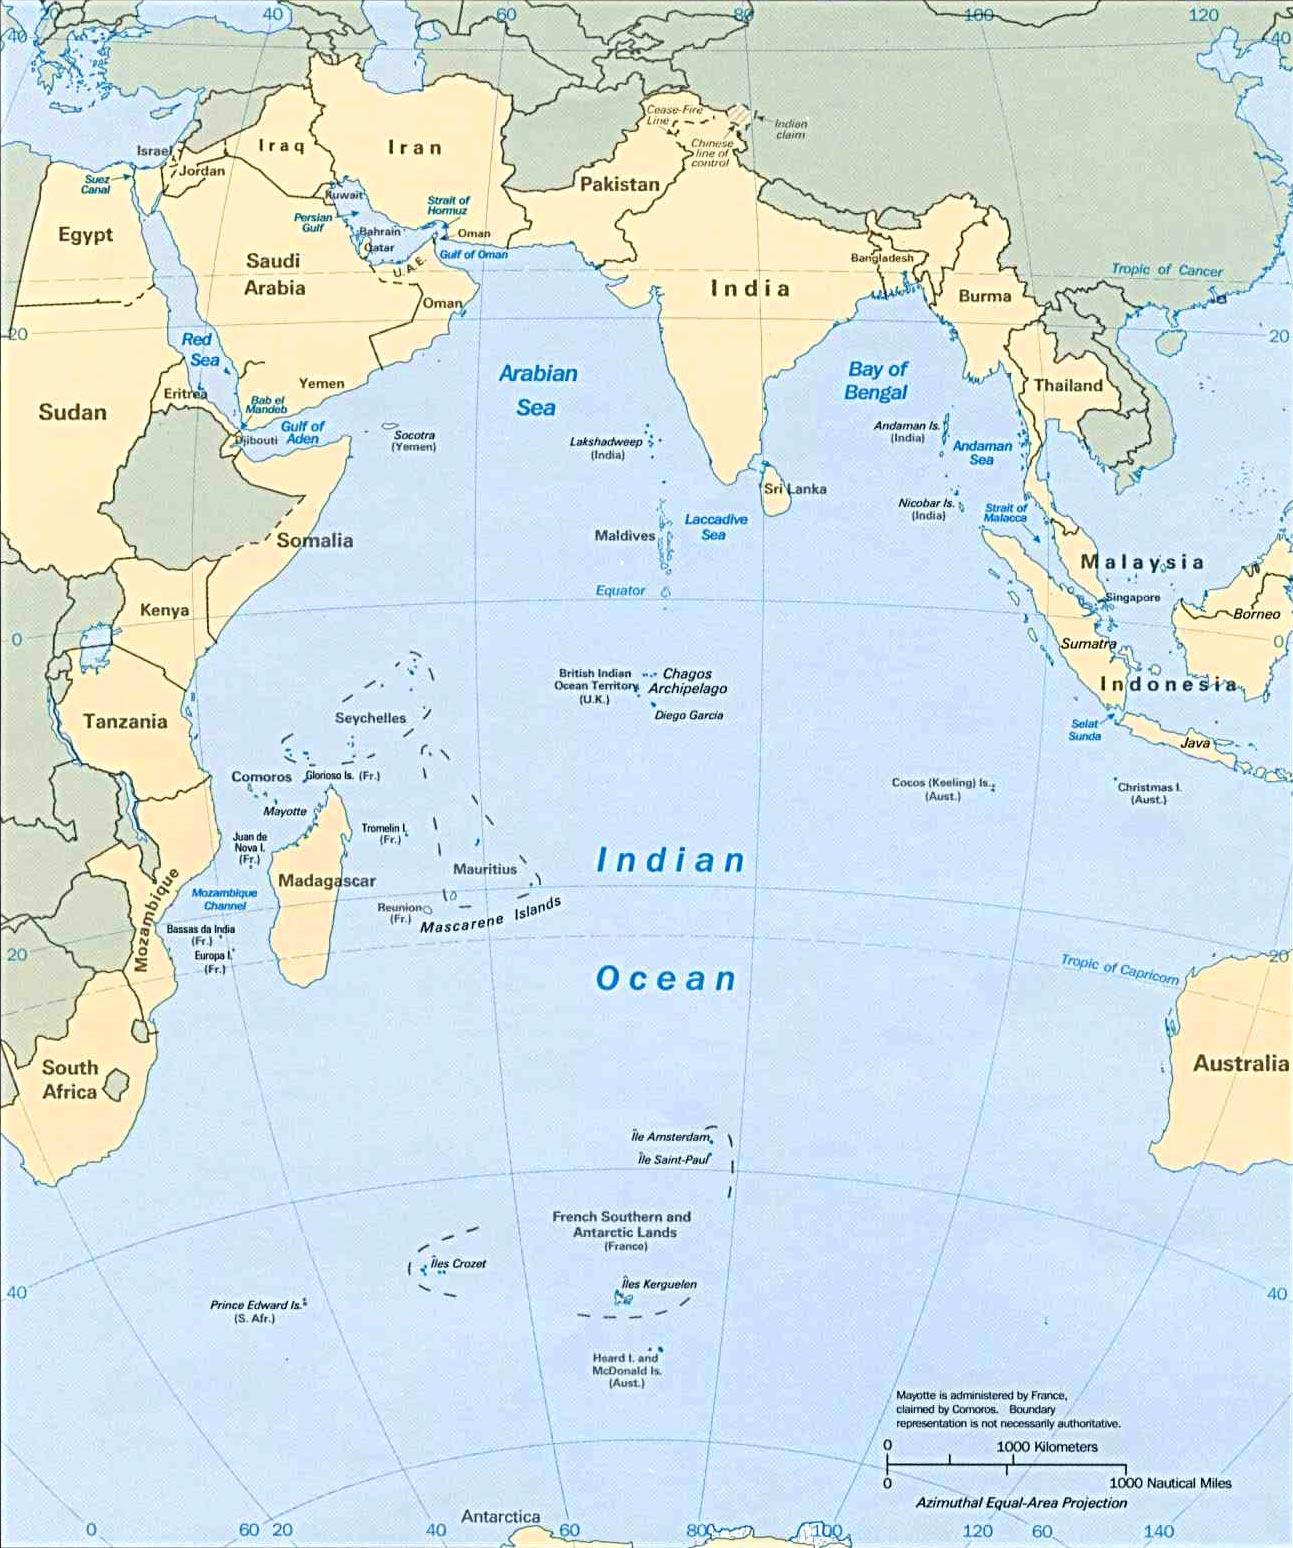 Islam en Mar del Plata Ocano indico aqu se juega la gran